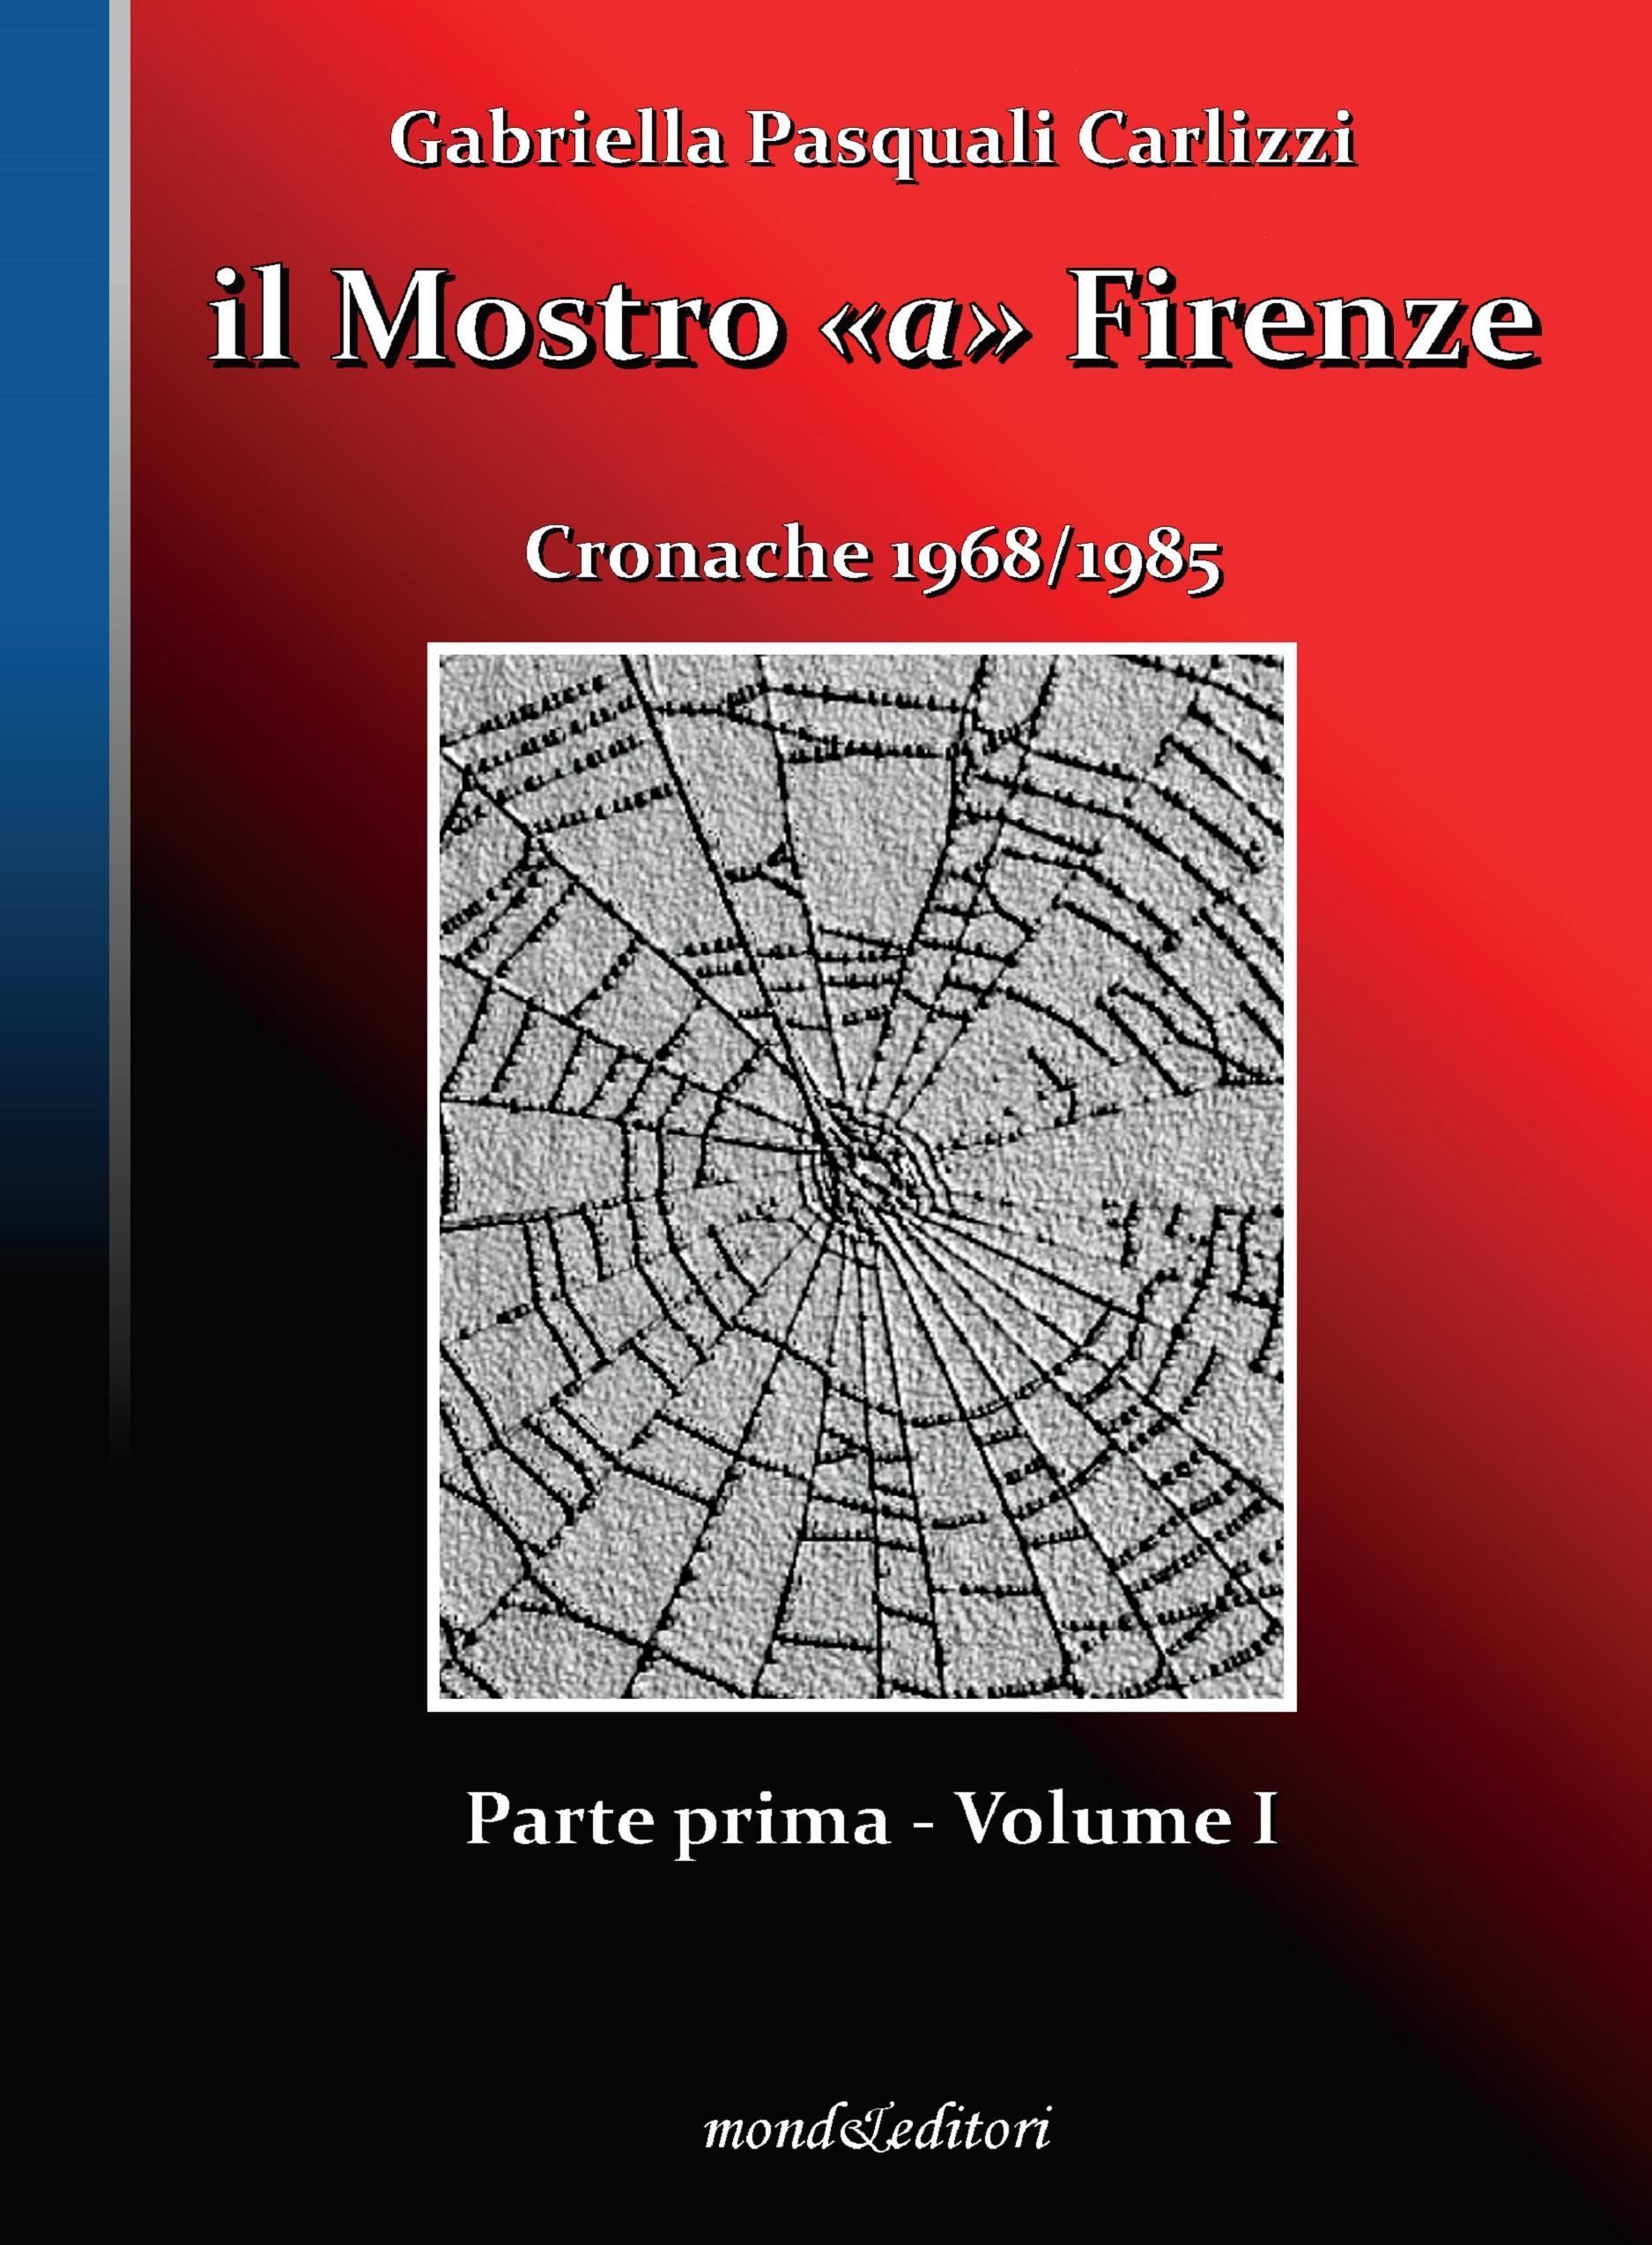 Il Mostro a Firenze - Parte I, volume 1